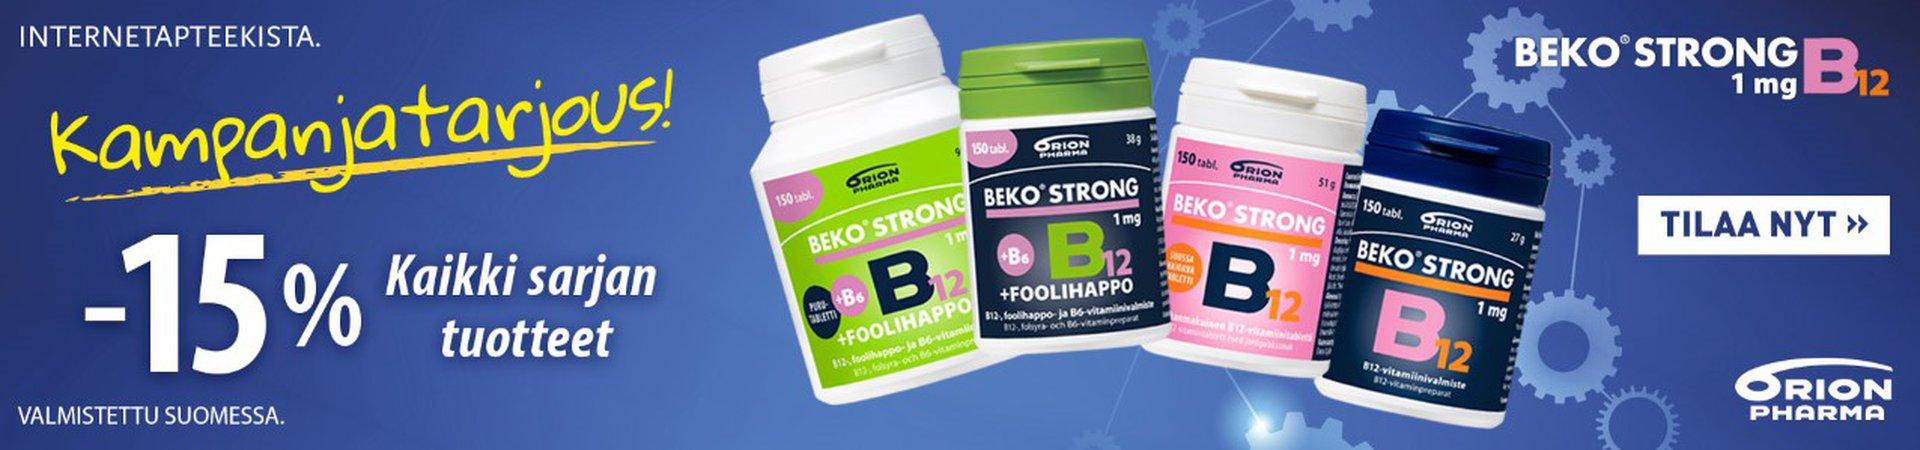 Beko Strong B12 -15 % maaliskuussa